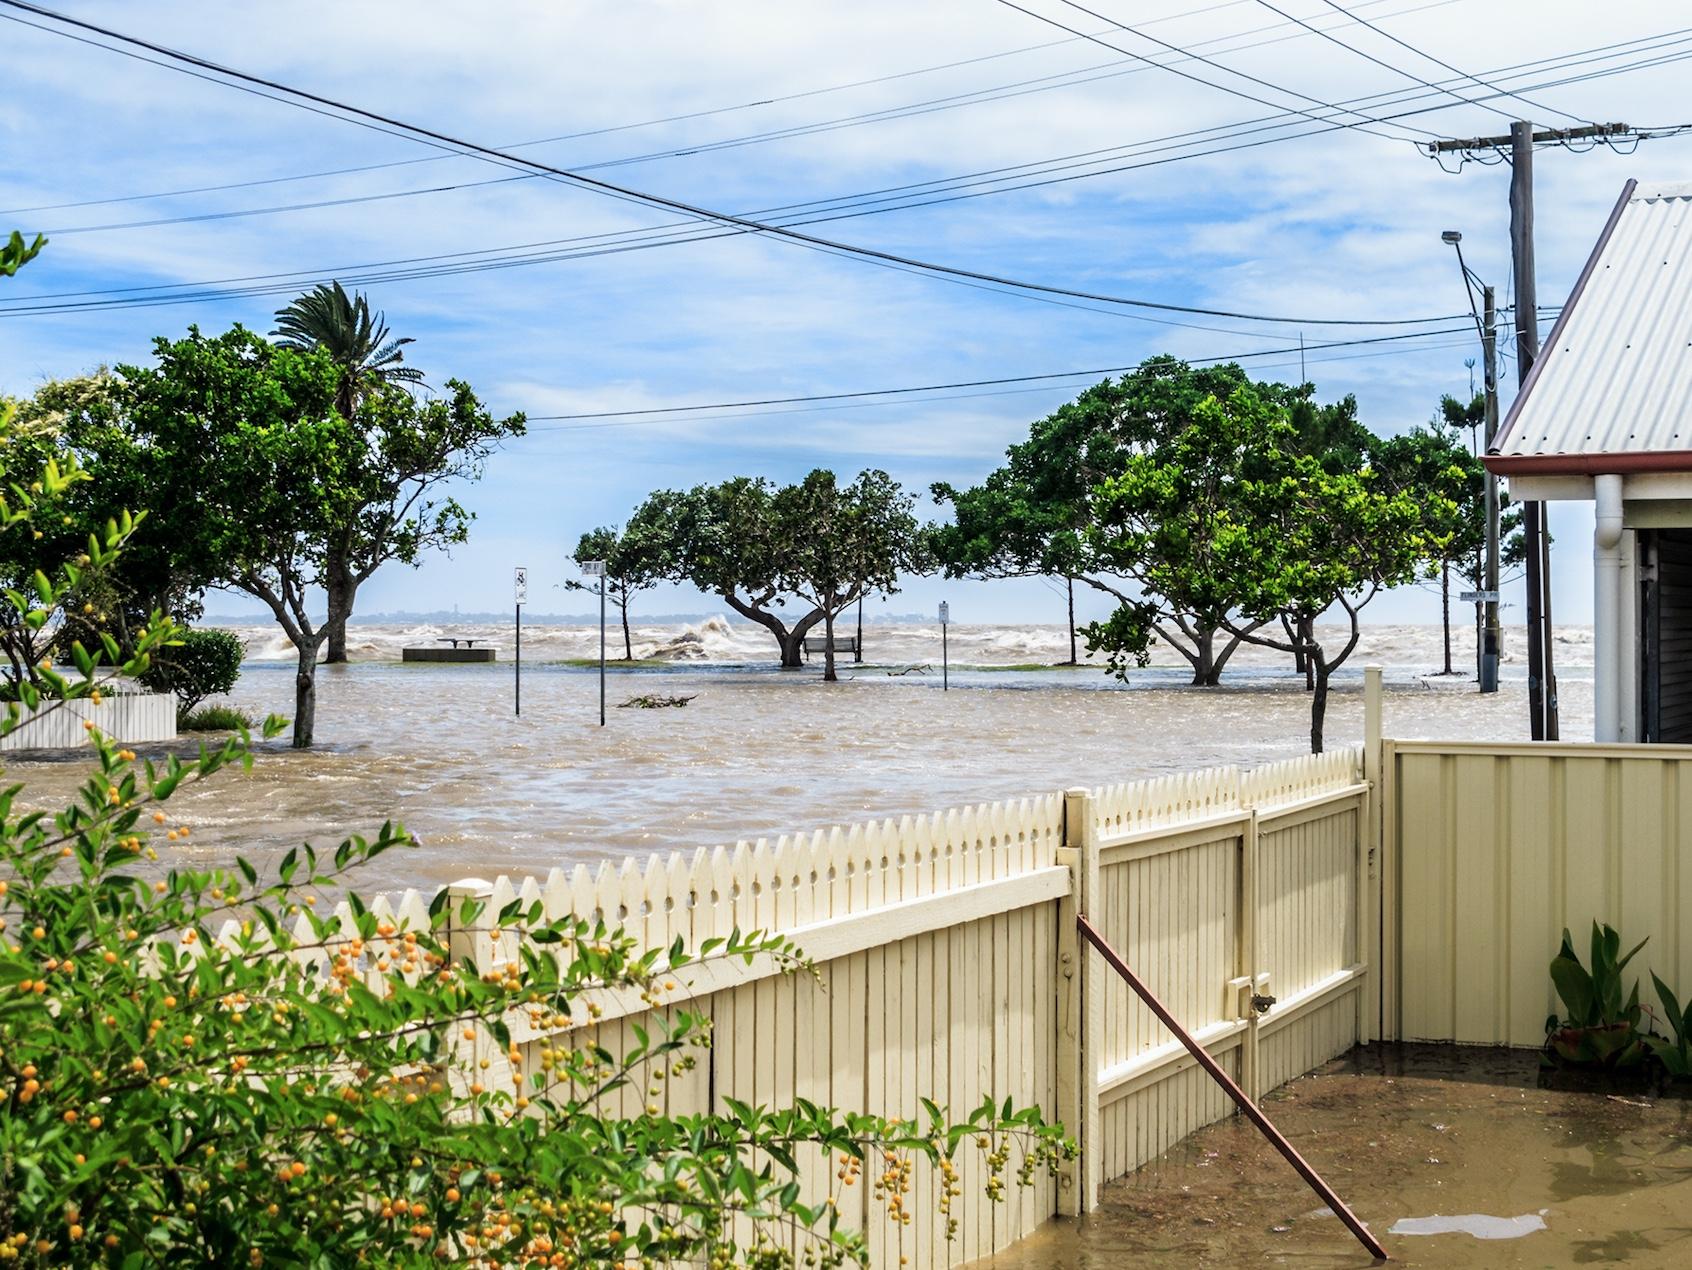 sunny day flood